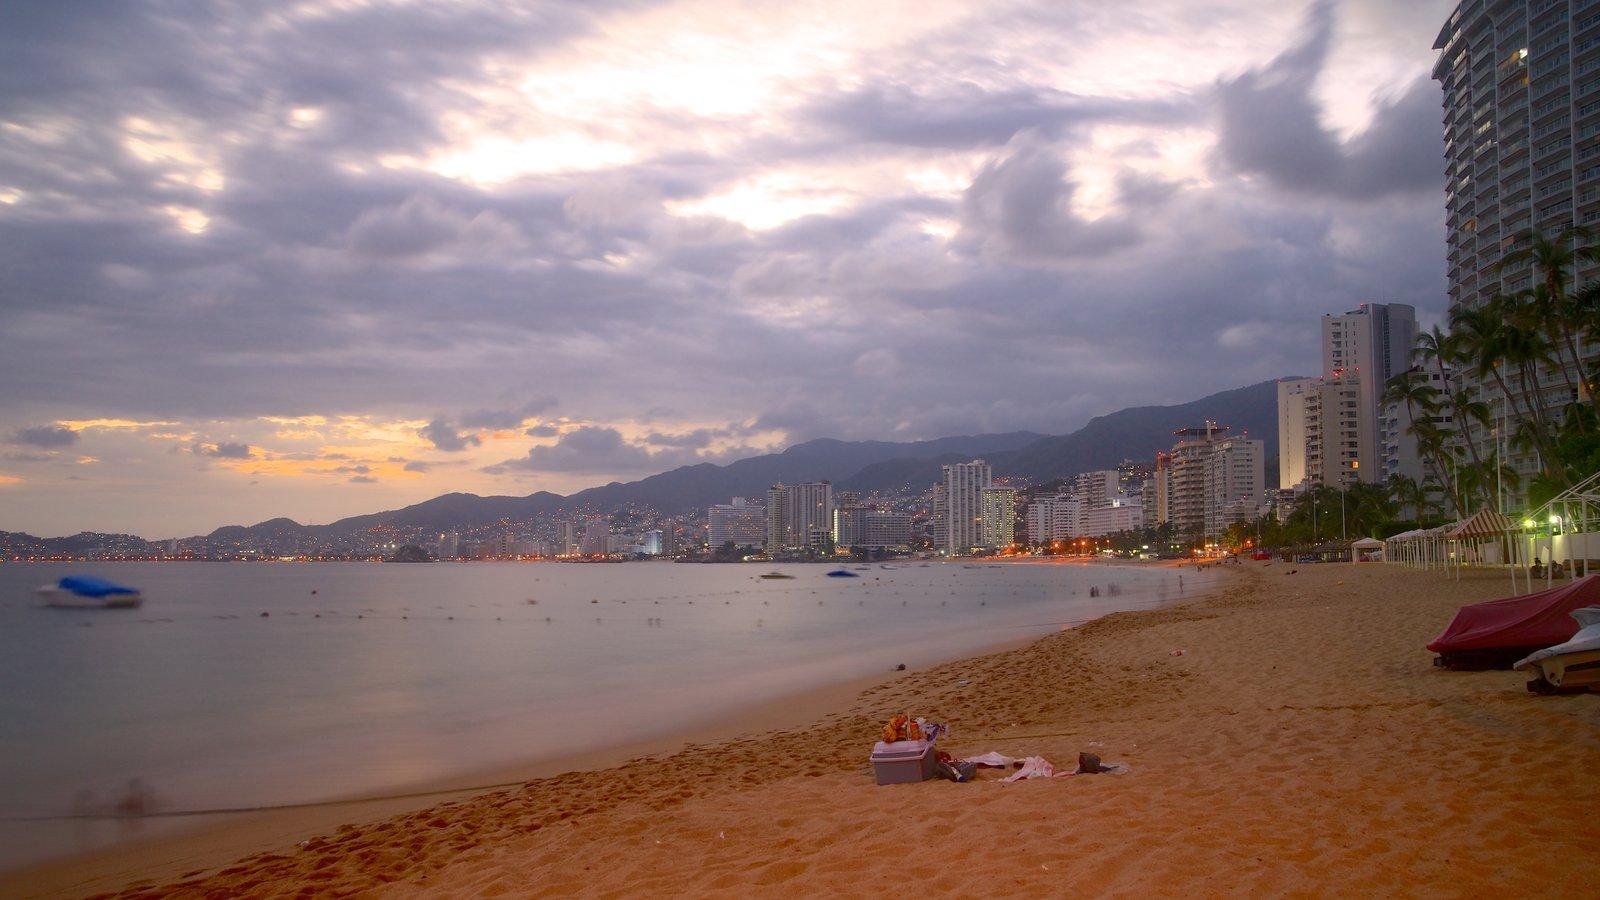 Playa Icacos mostrando una puesta de sol, una playa y una ciudad costera